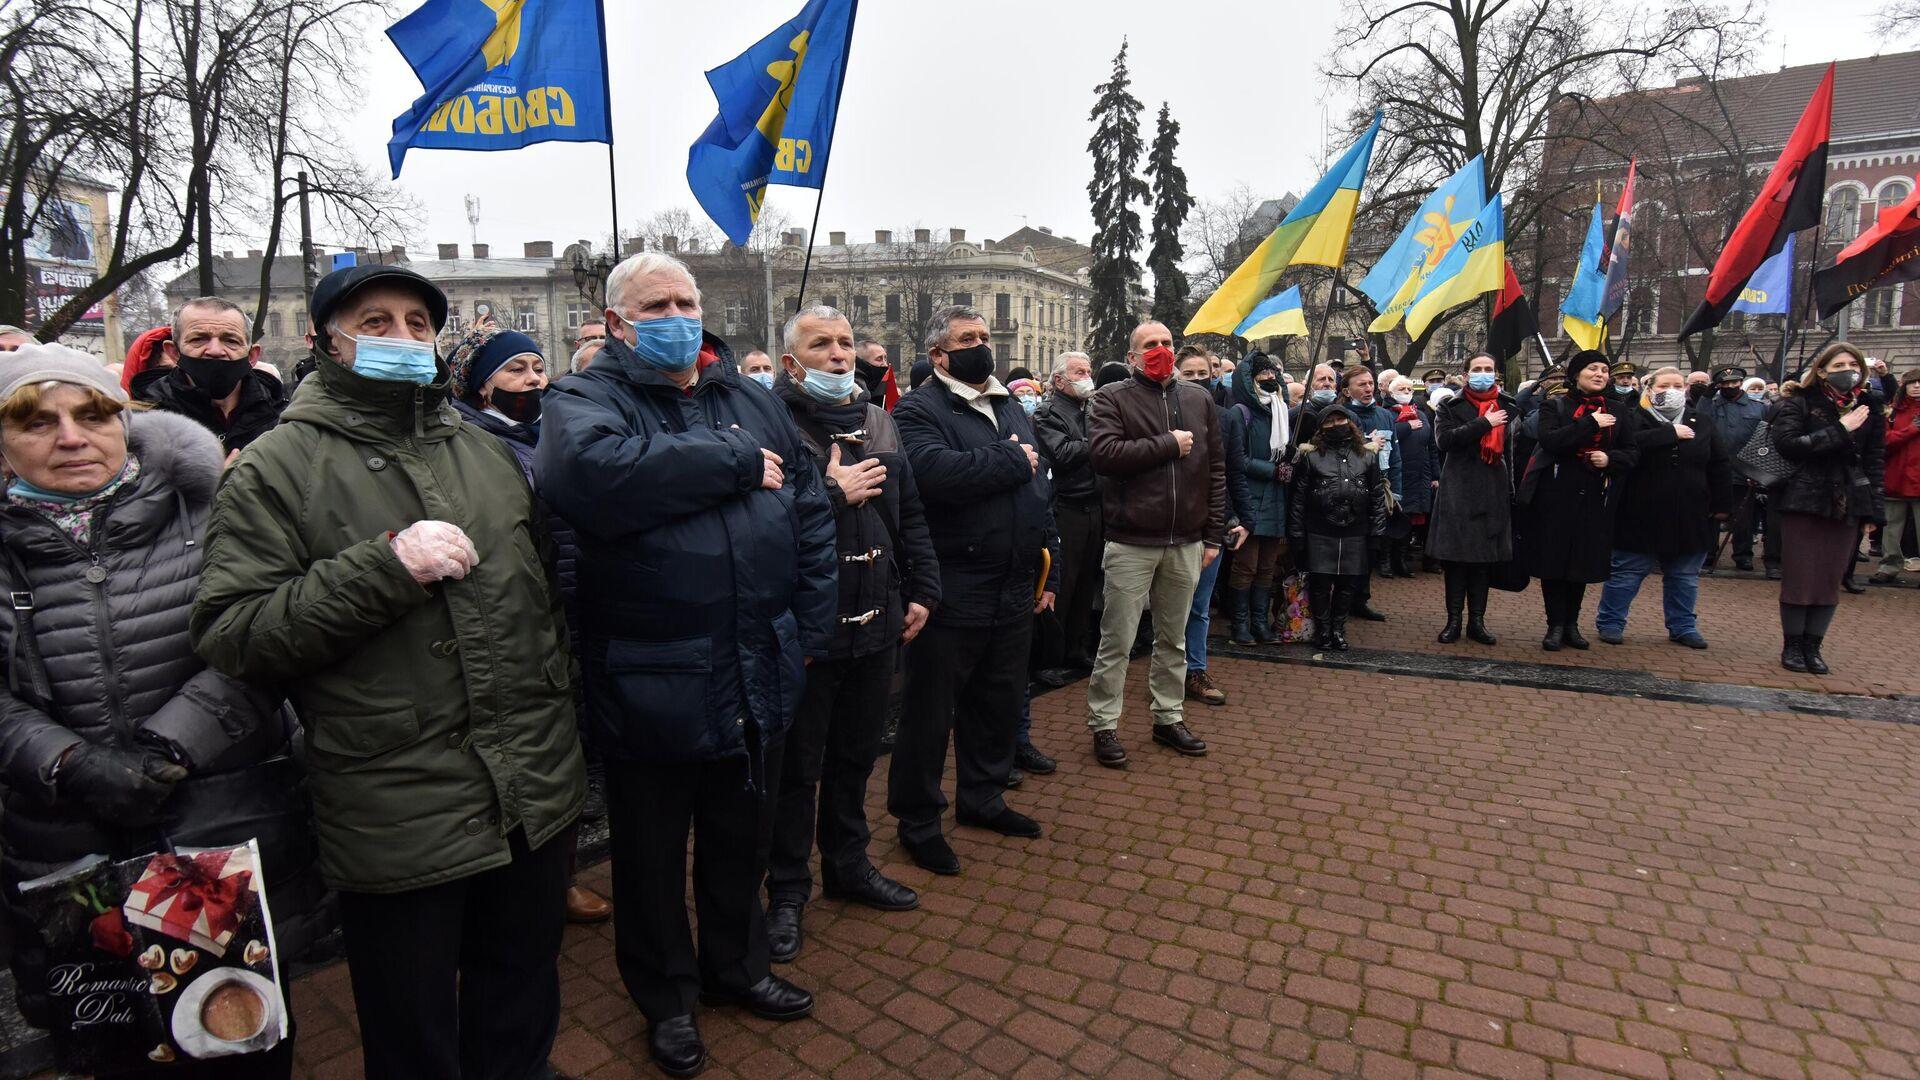 Участники митинга, приуроченного к 112 годовщине со дня рождения Степана Бандеры, во Львове - РИА Новости, 1920, 01.01.2021